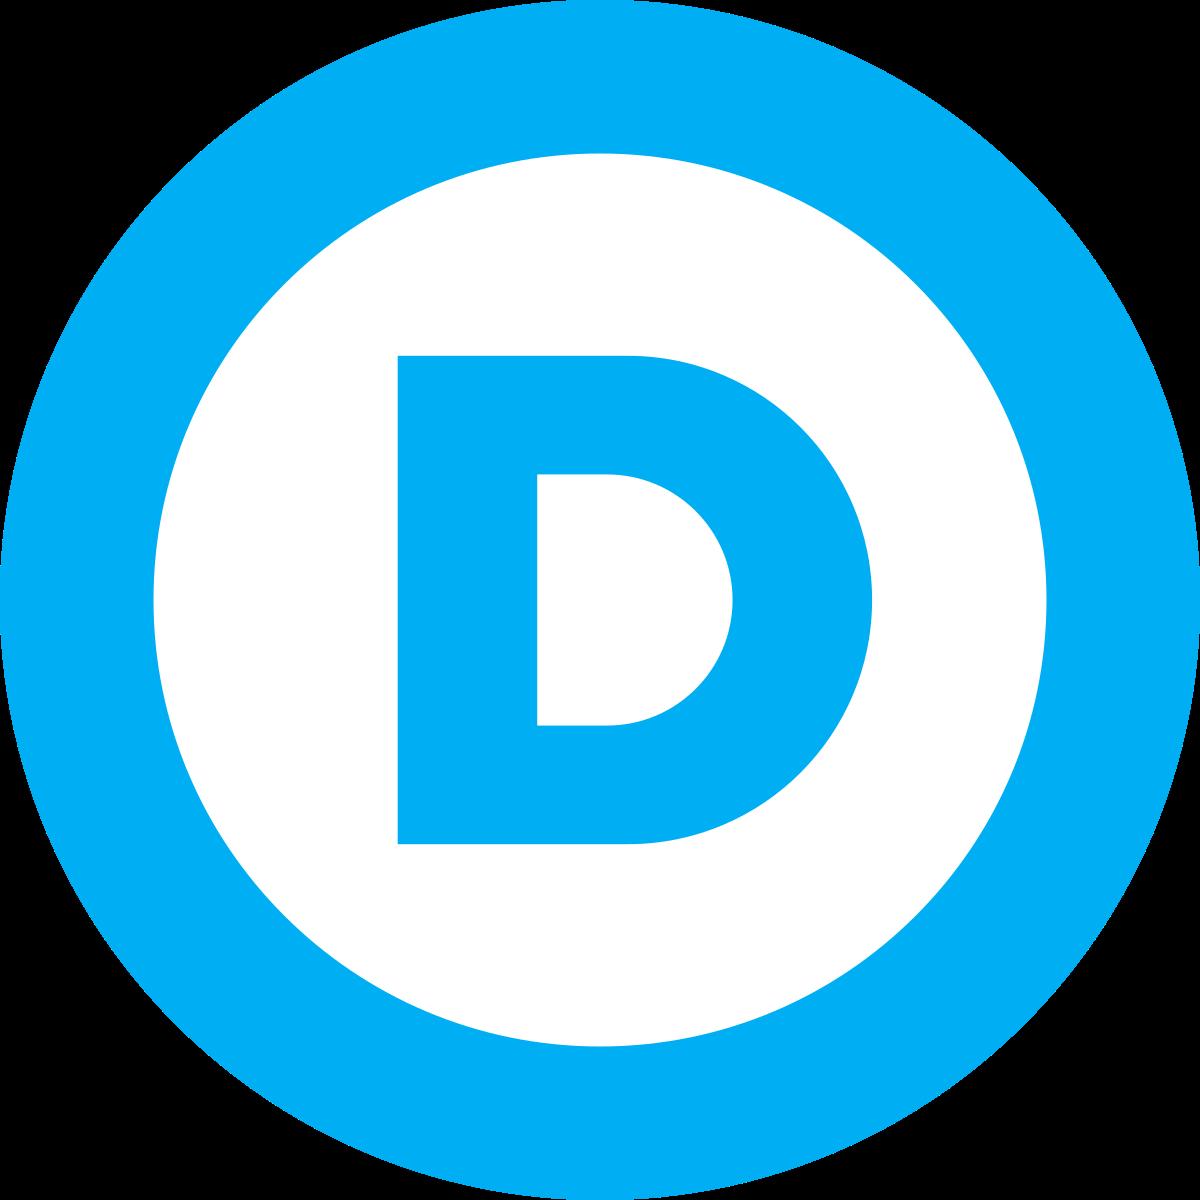 Les Démocrates montrent leur vrai visage, celui de la haine